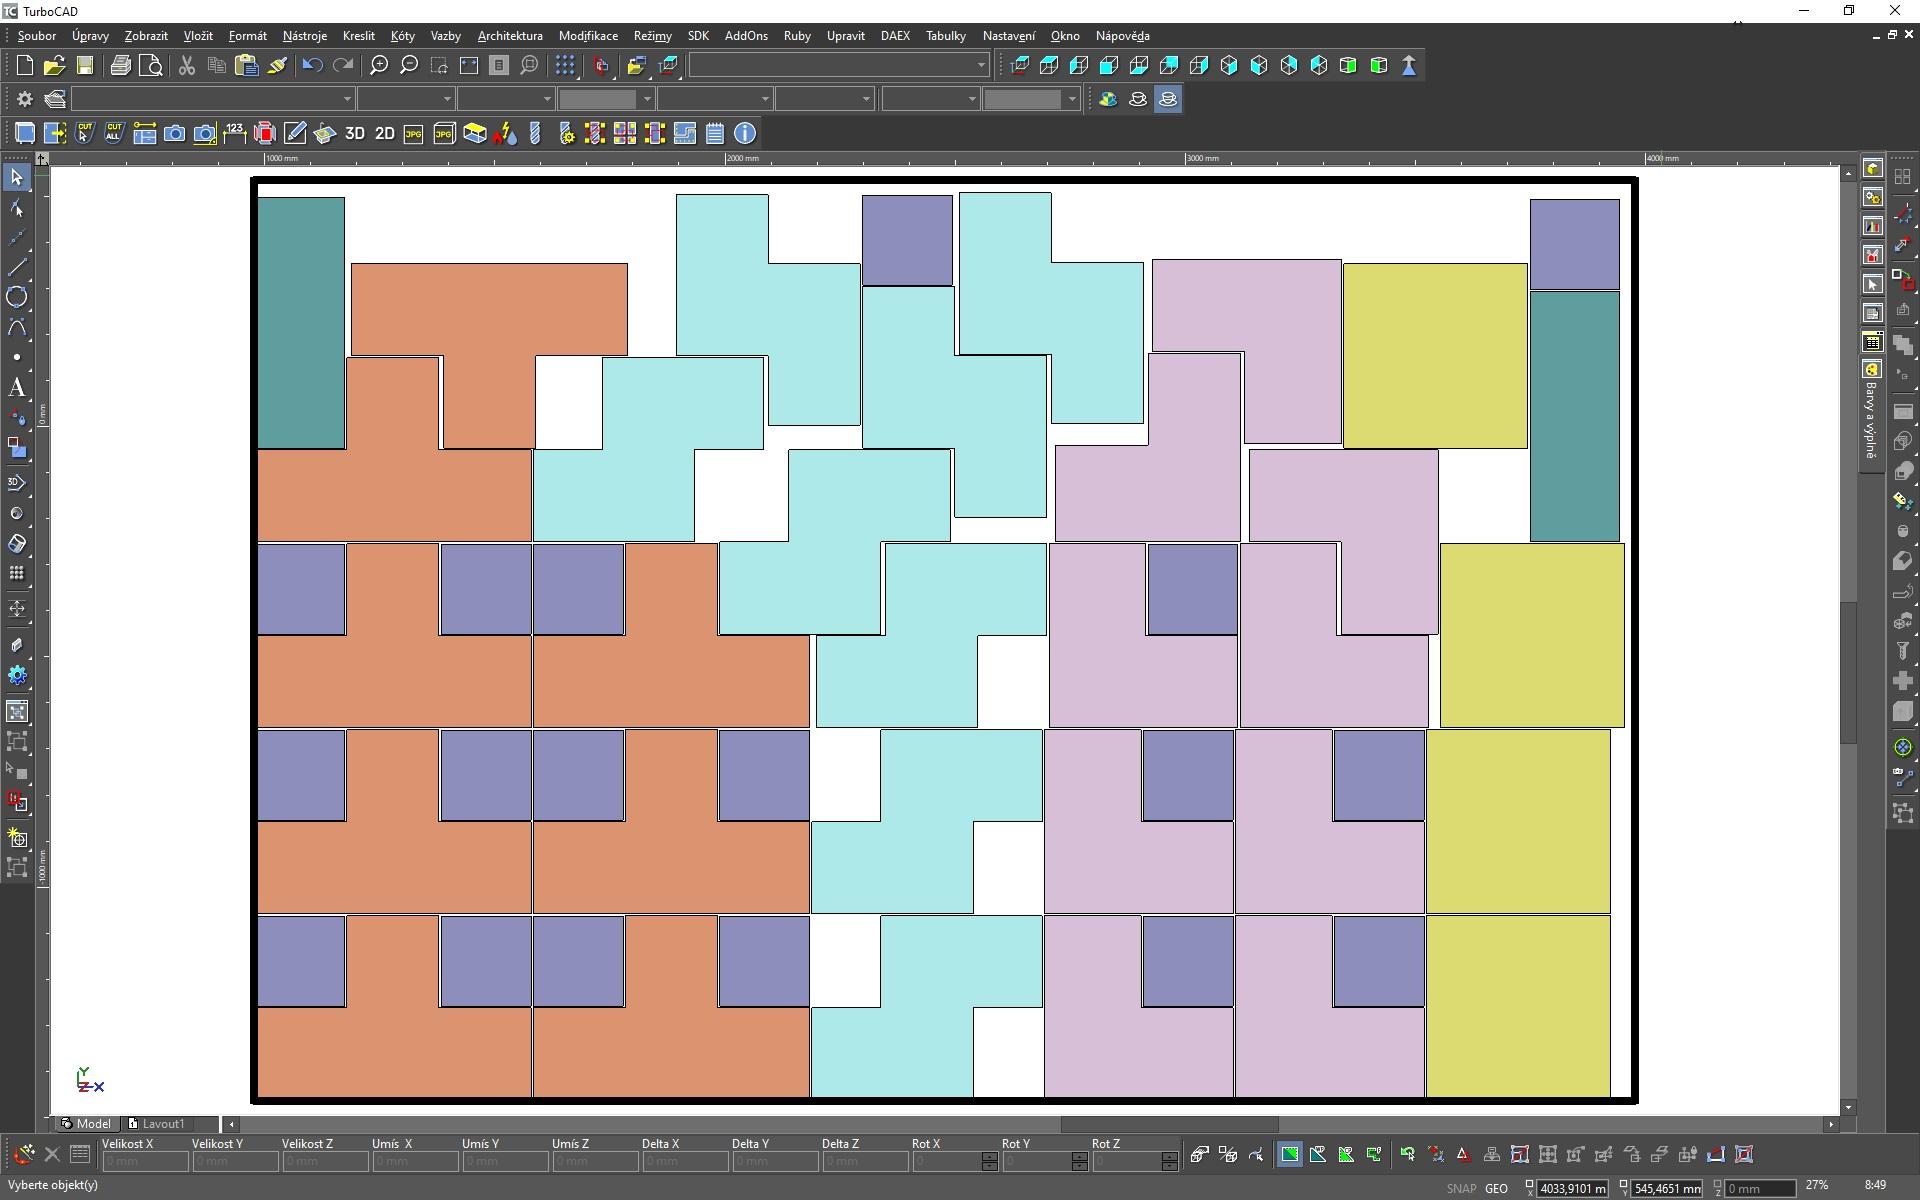 VysledekCLR01 - DAEX DESIGN Professional 21